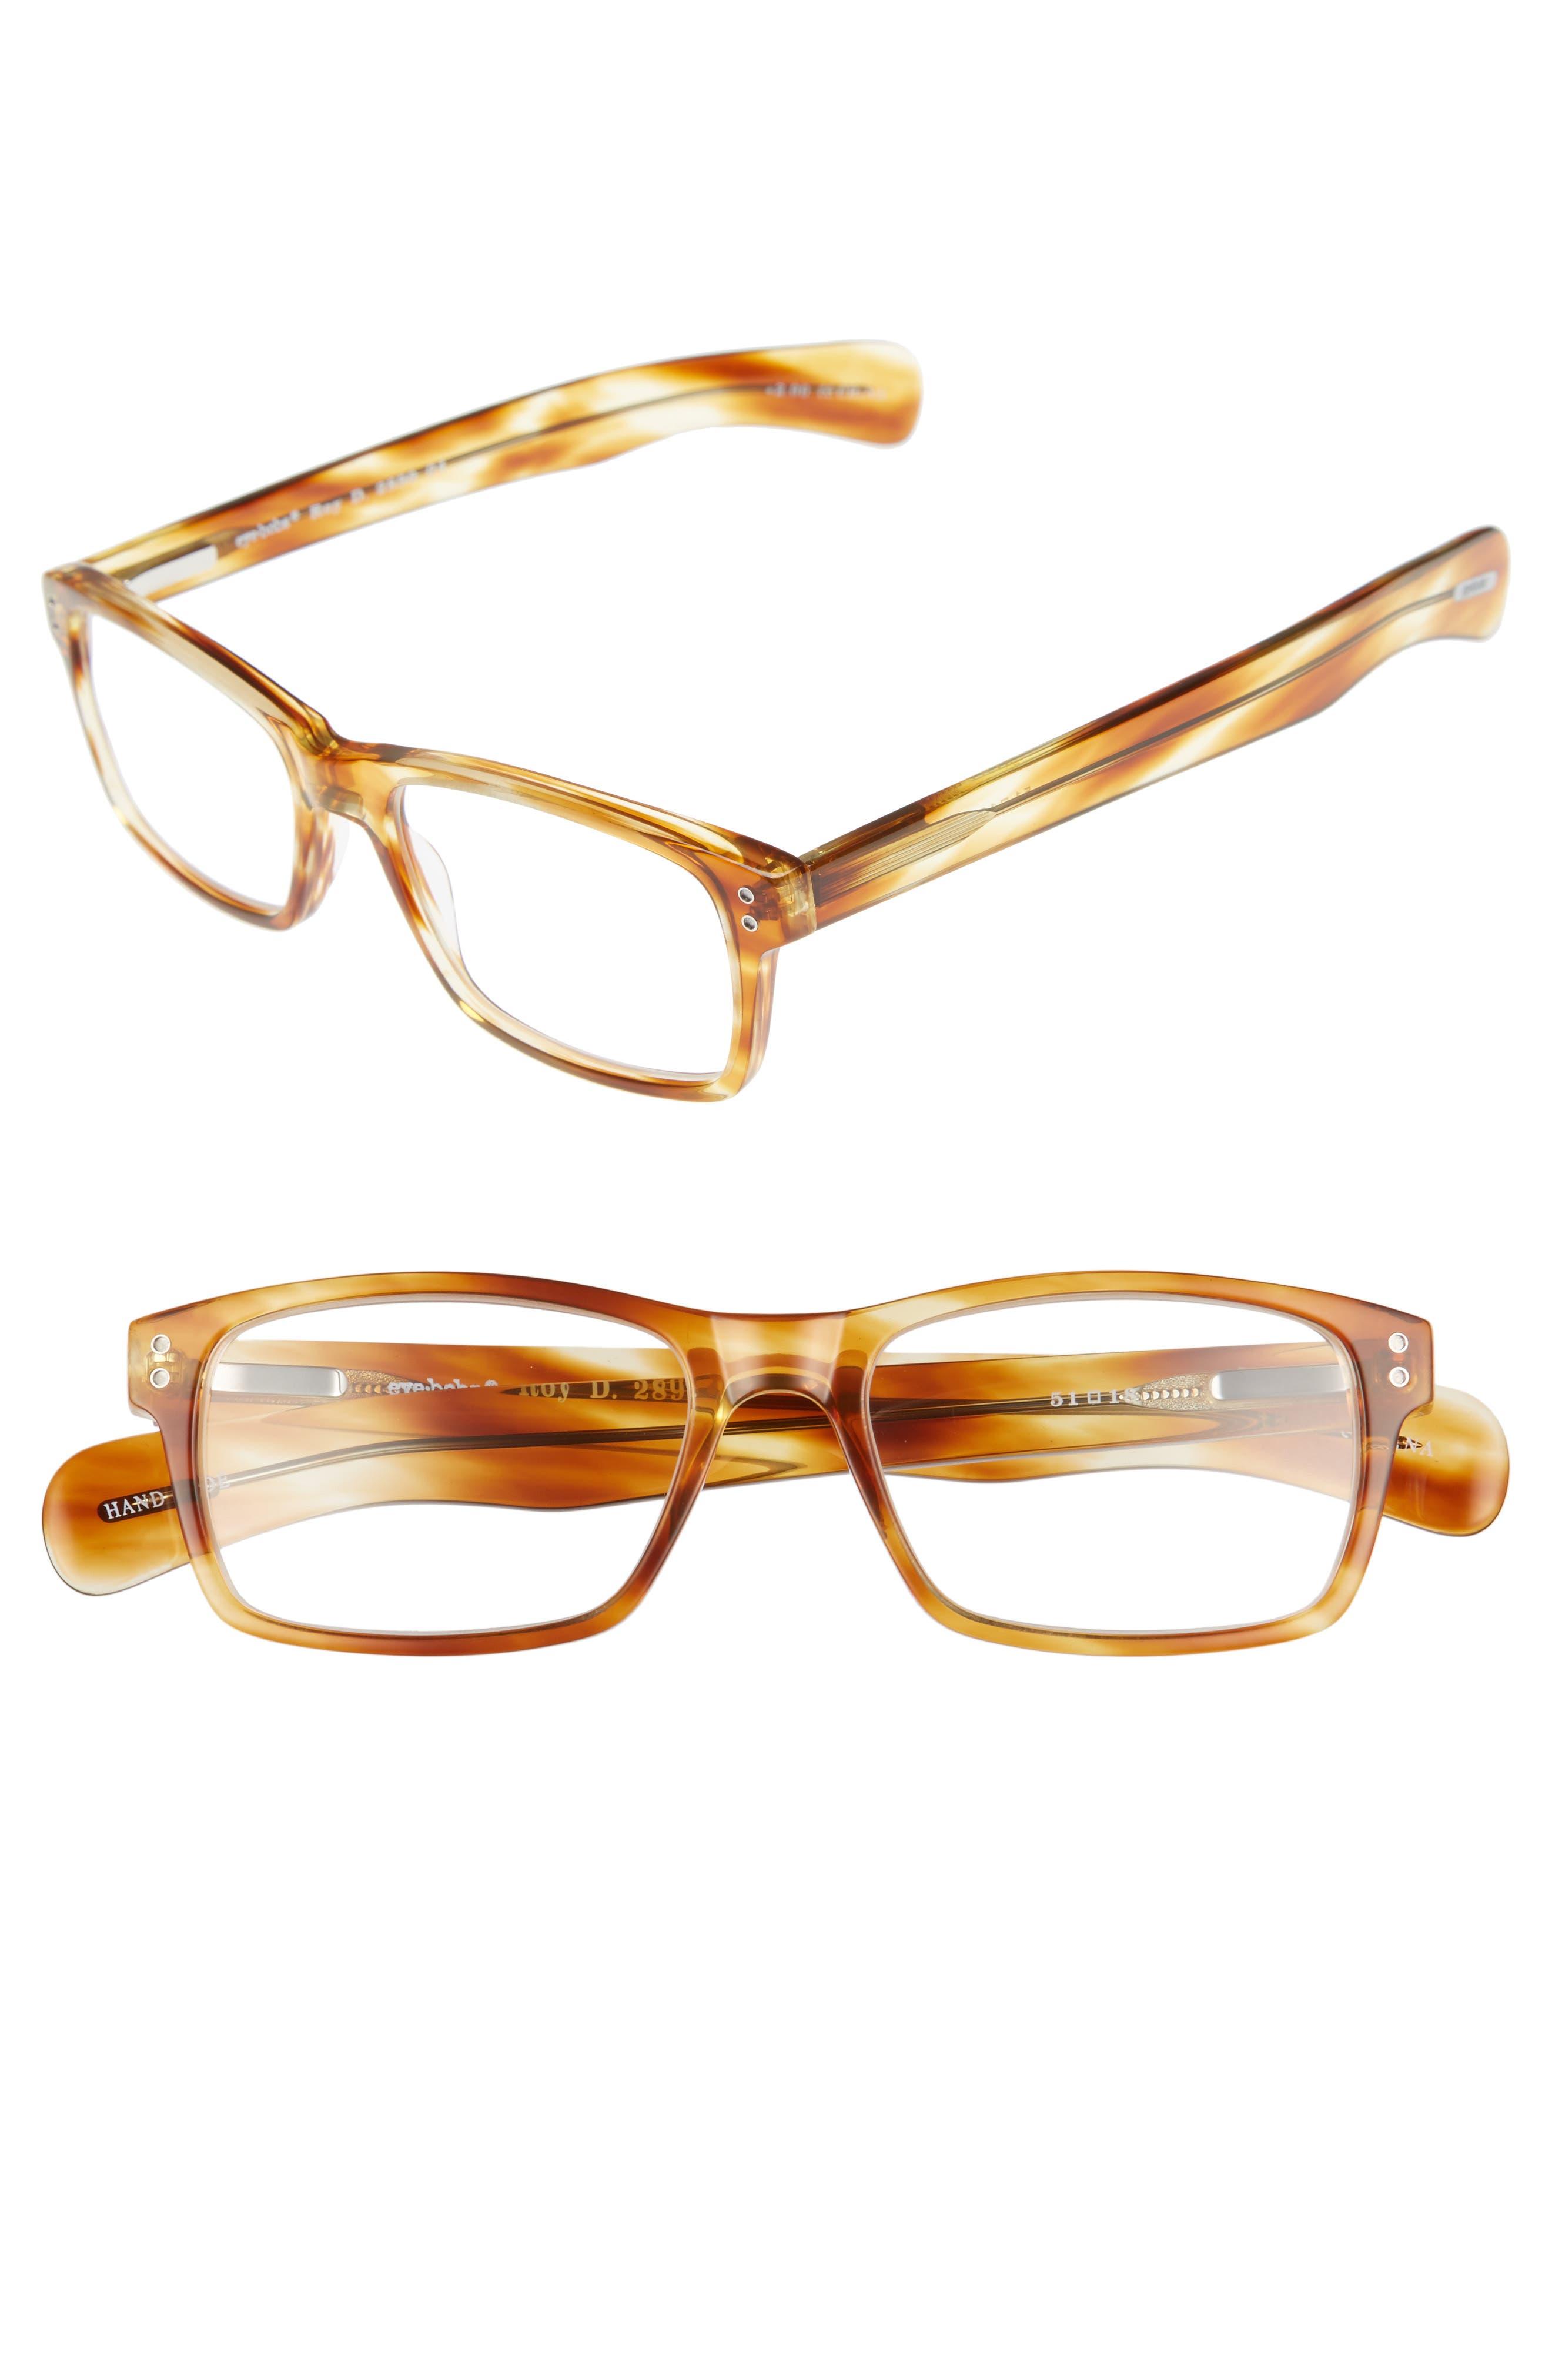 Roy D 51mm Reading Glasses,                         Main,                         color, LIGHT TORTOISE